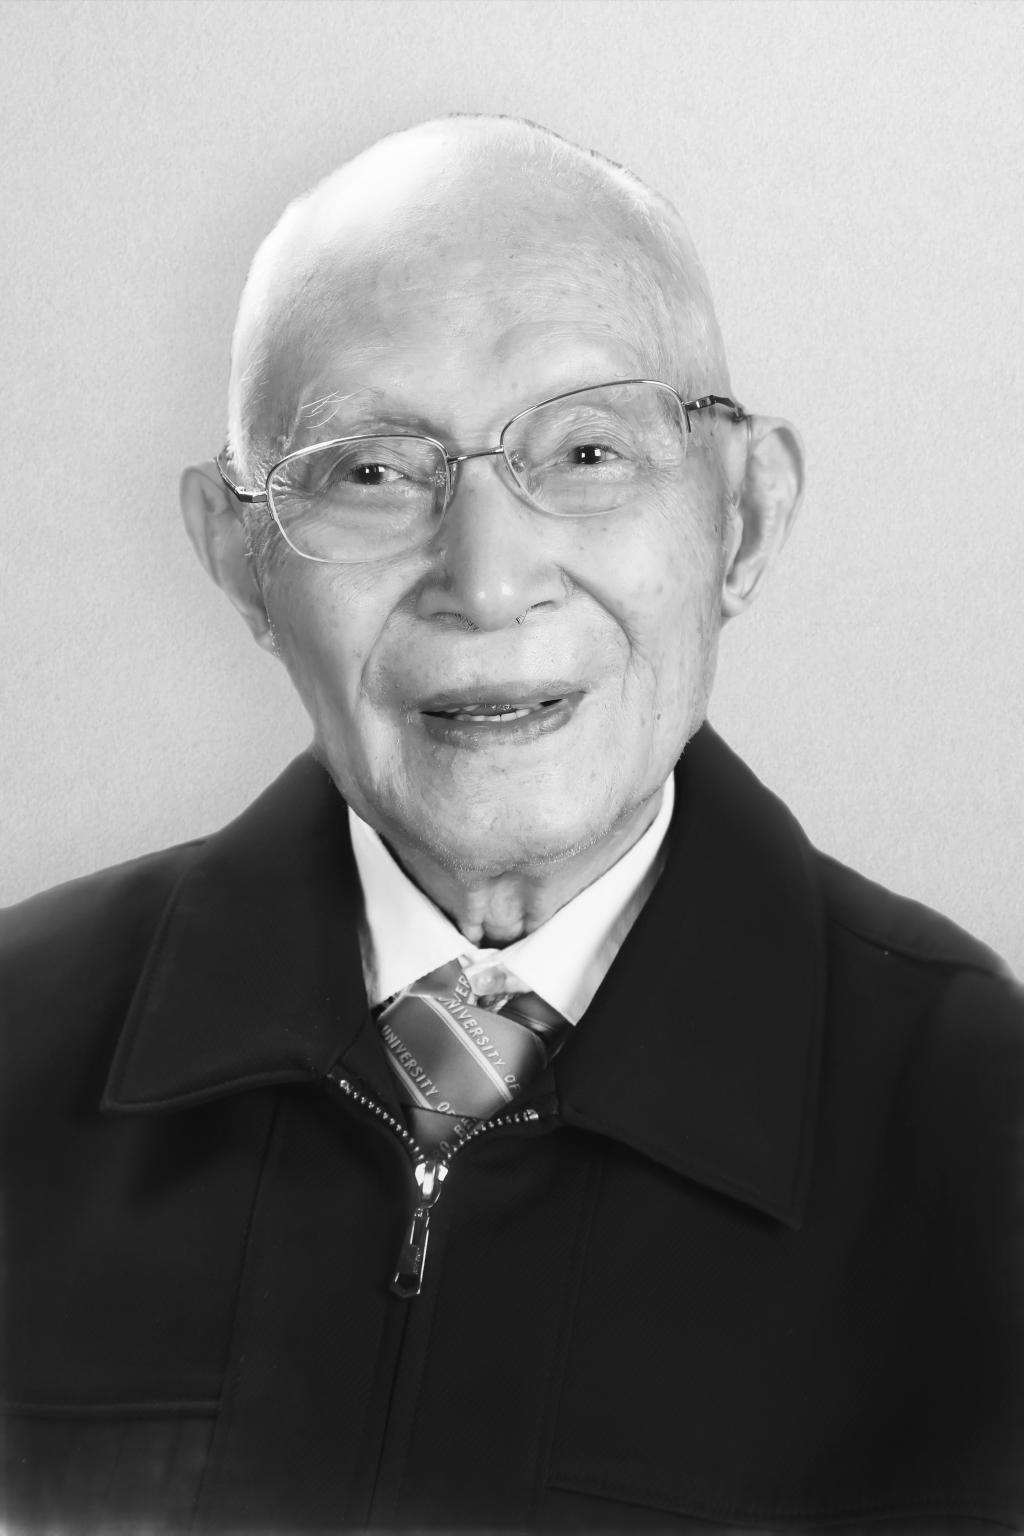 航空航天范畴闻名教育家和科学家文传源去世,享年101岁